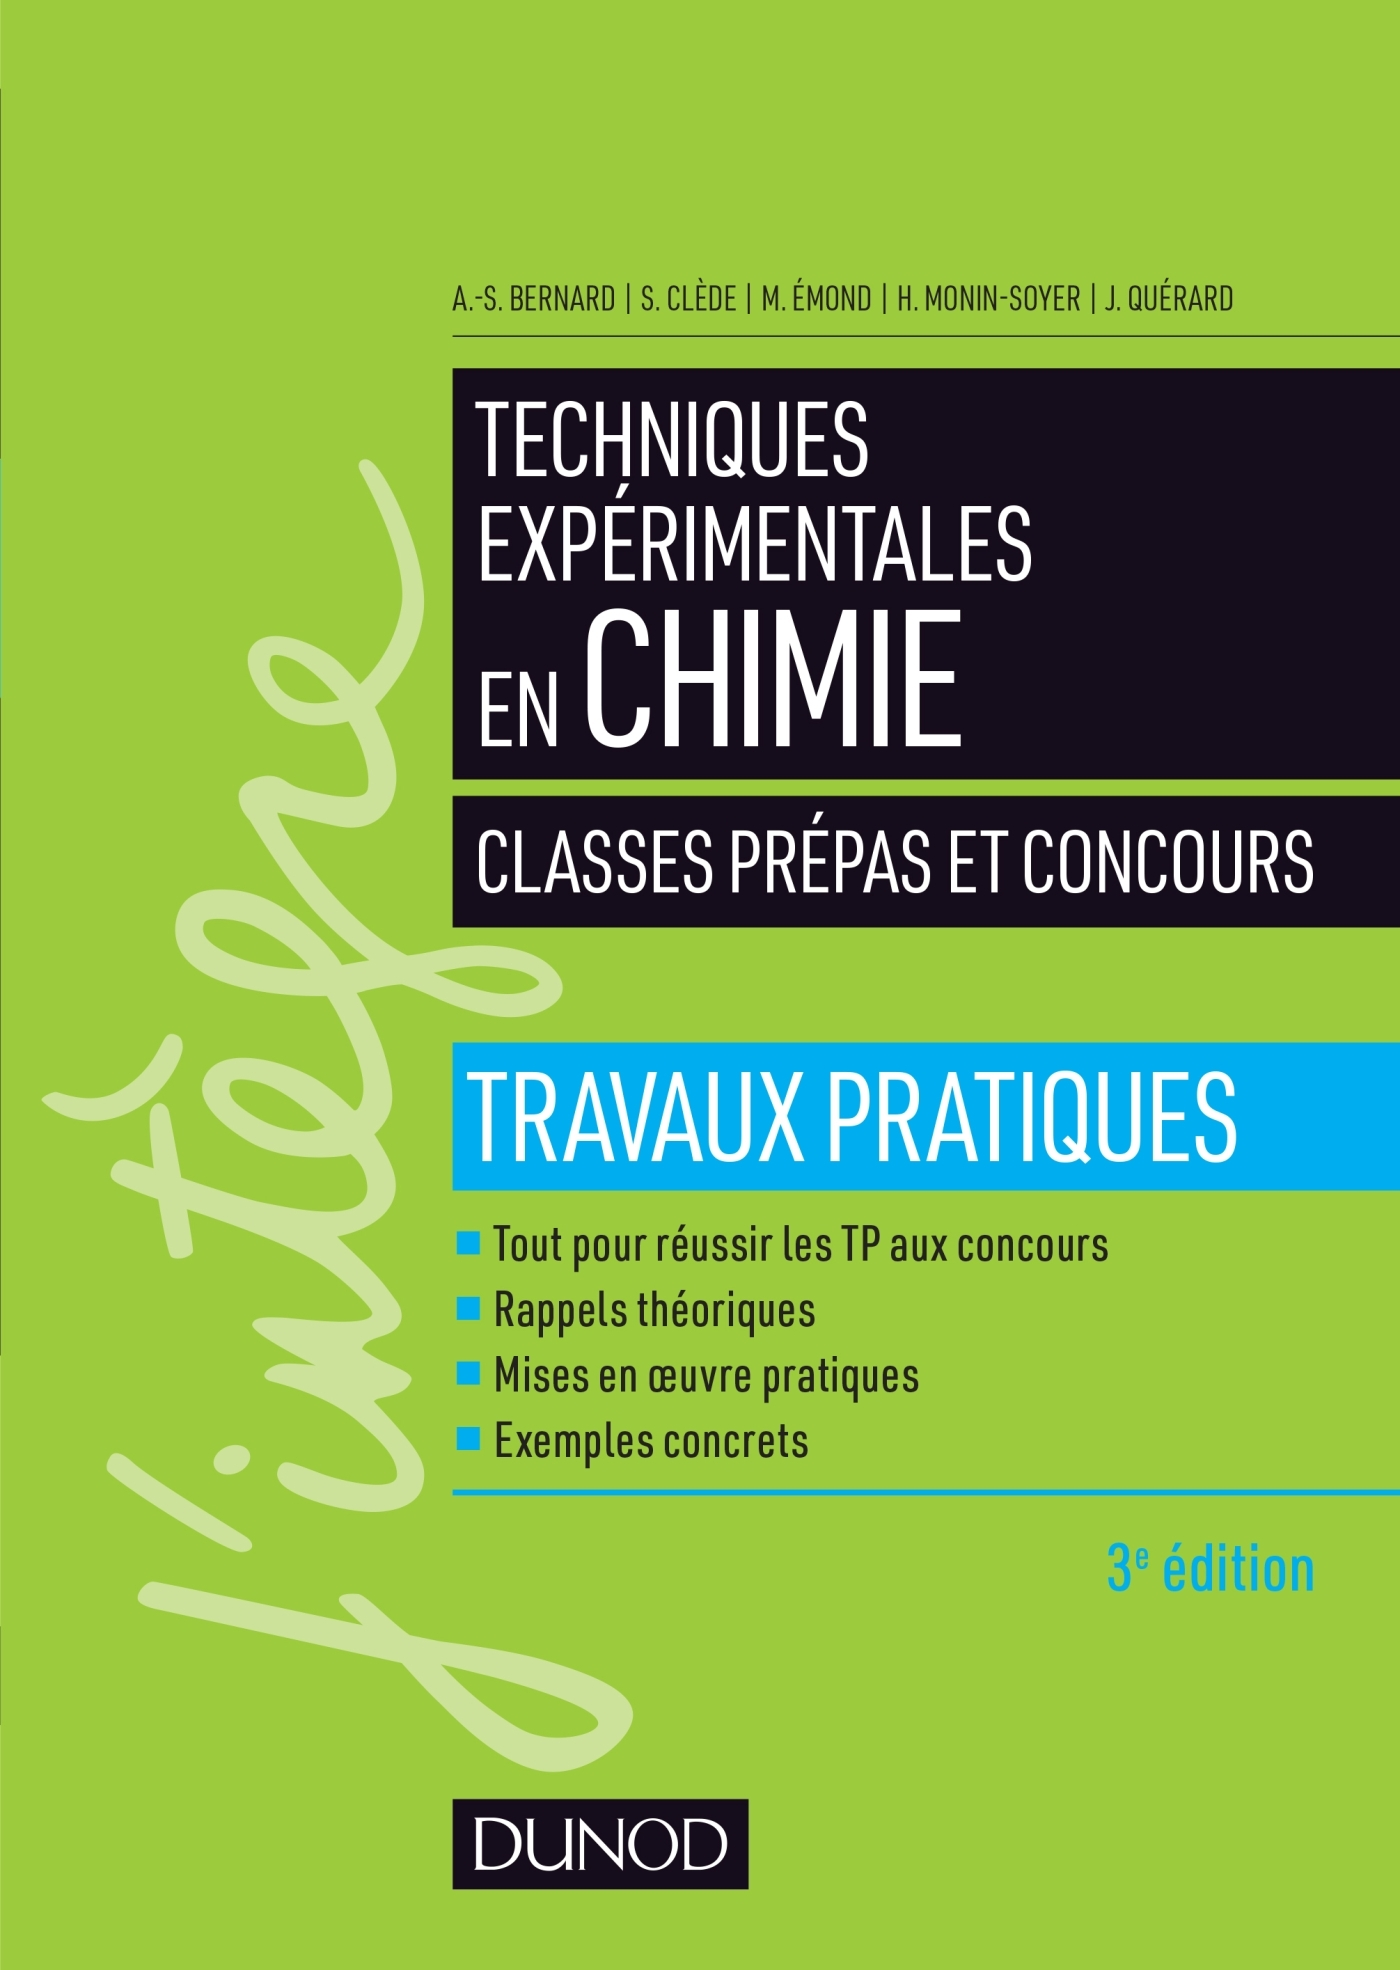 TECHNIQUES EXPERIMENTALES EN CHIMIE - CLASSES PREPAS ET CONCOURS 3E ED. - TRAVAUX PRATIQUES